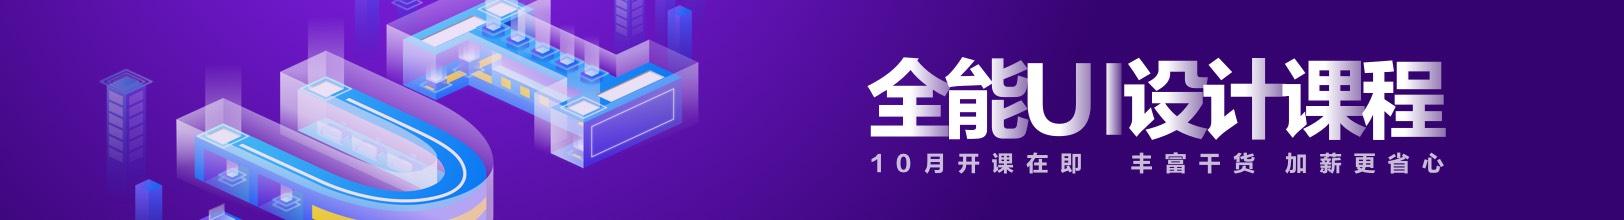 """""""静电的UI设计教室第13期招生"""""""